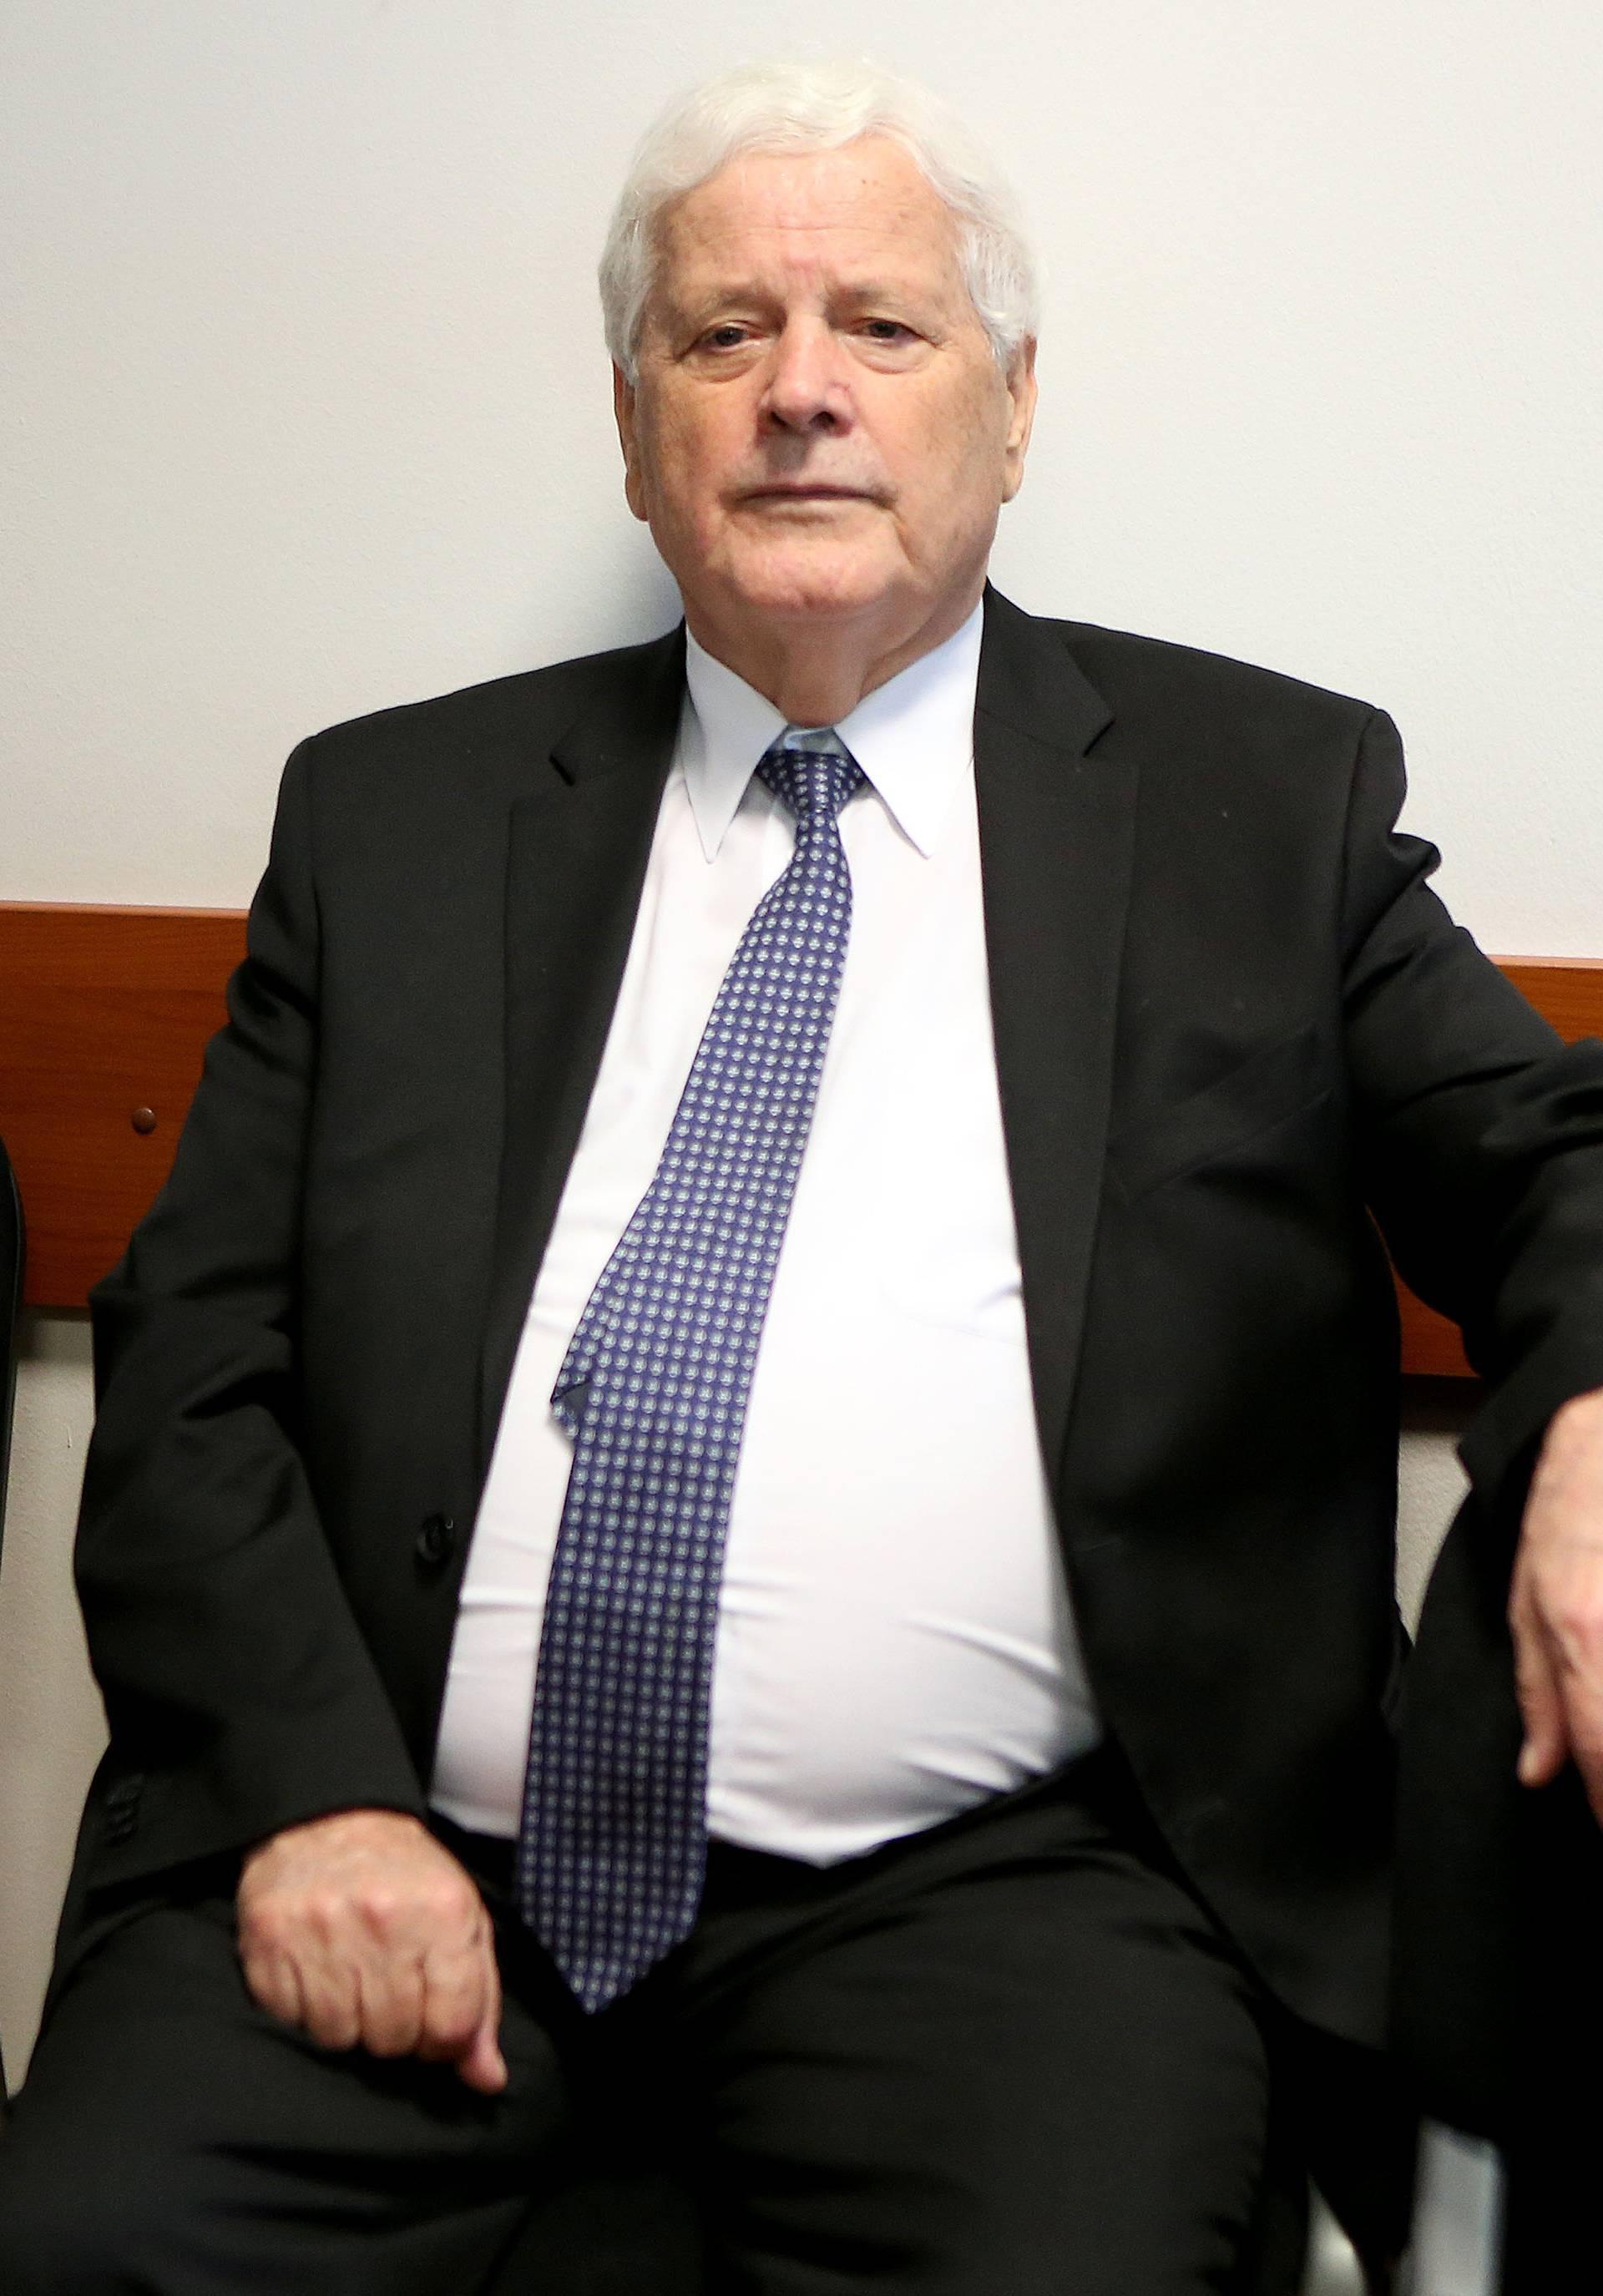 Babo u Zagrebu svjedočio na sudu na suđenju sinu Ervinu